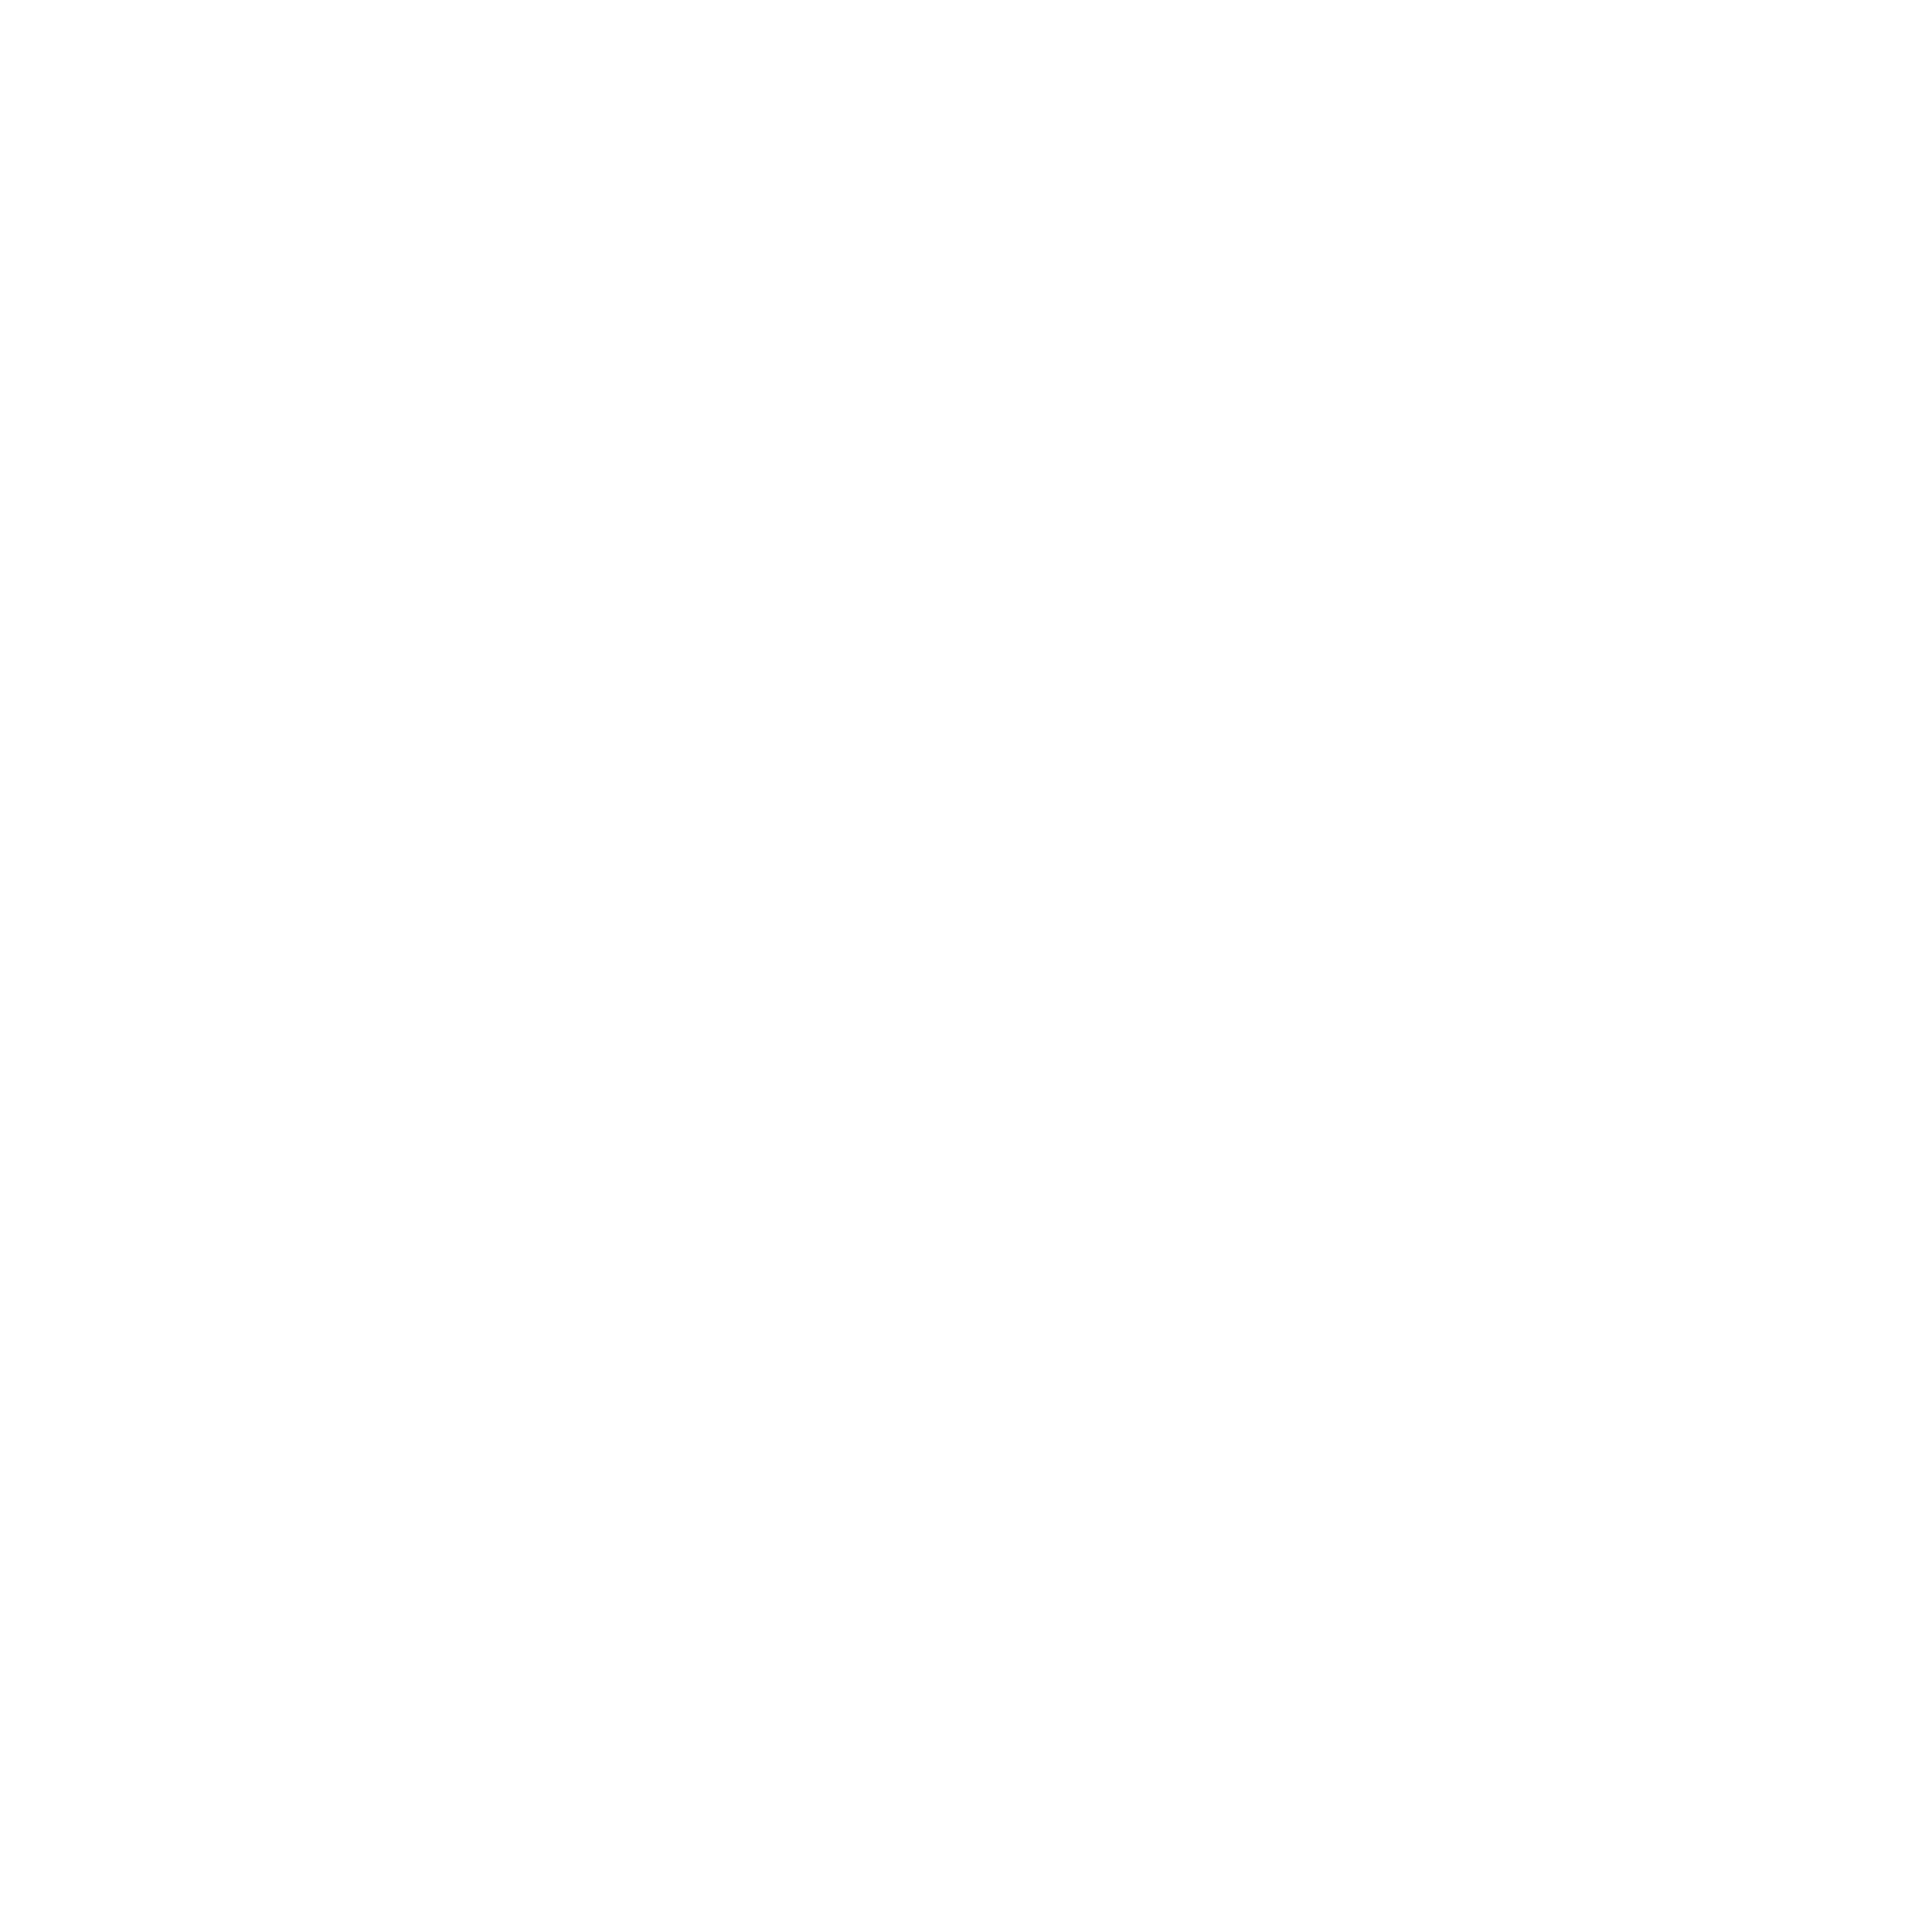 bih_logo_sponsors_2018-01-05.png